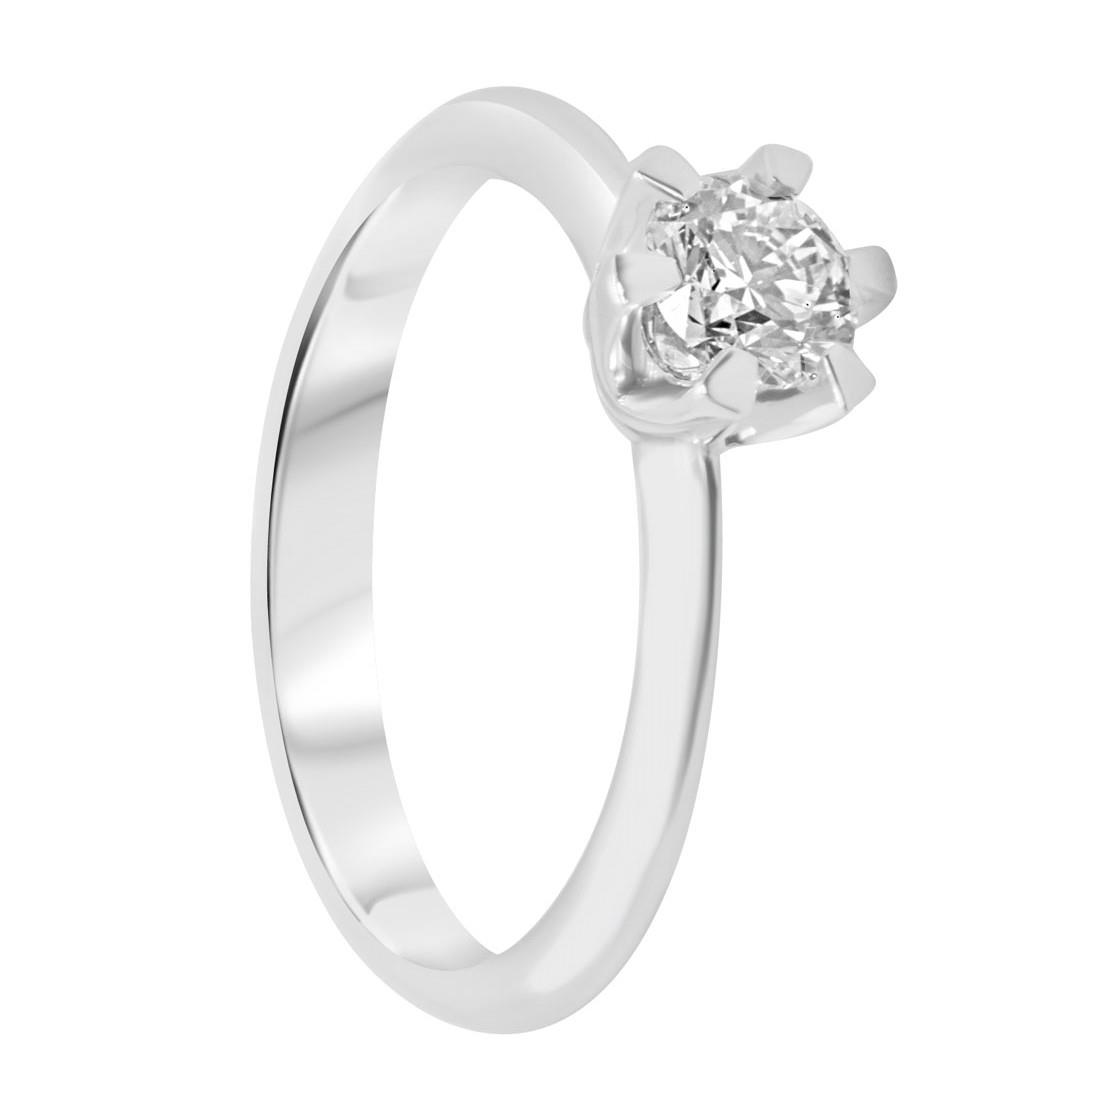 Anello solitario in oro bianco con diamante 0,50 ct mis 14 - ORO&CO